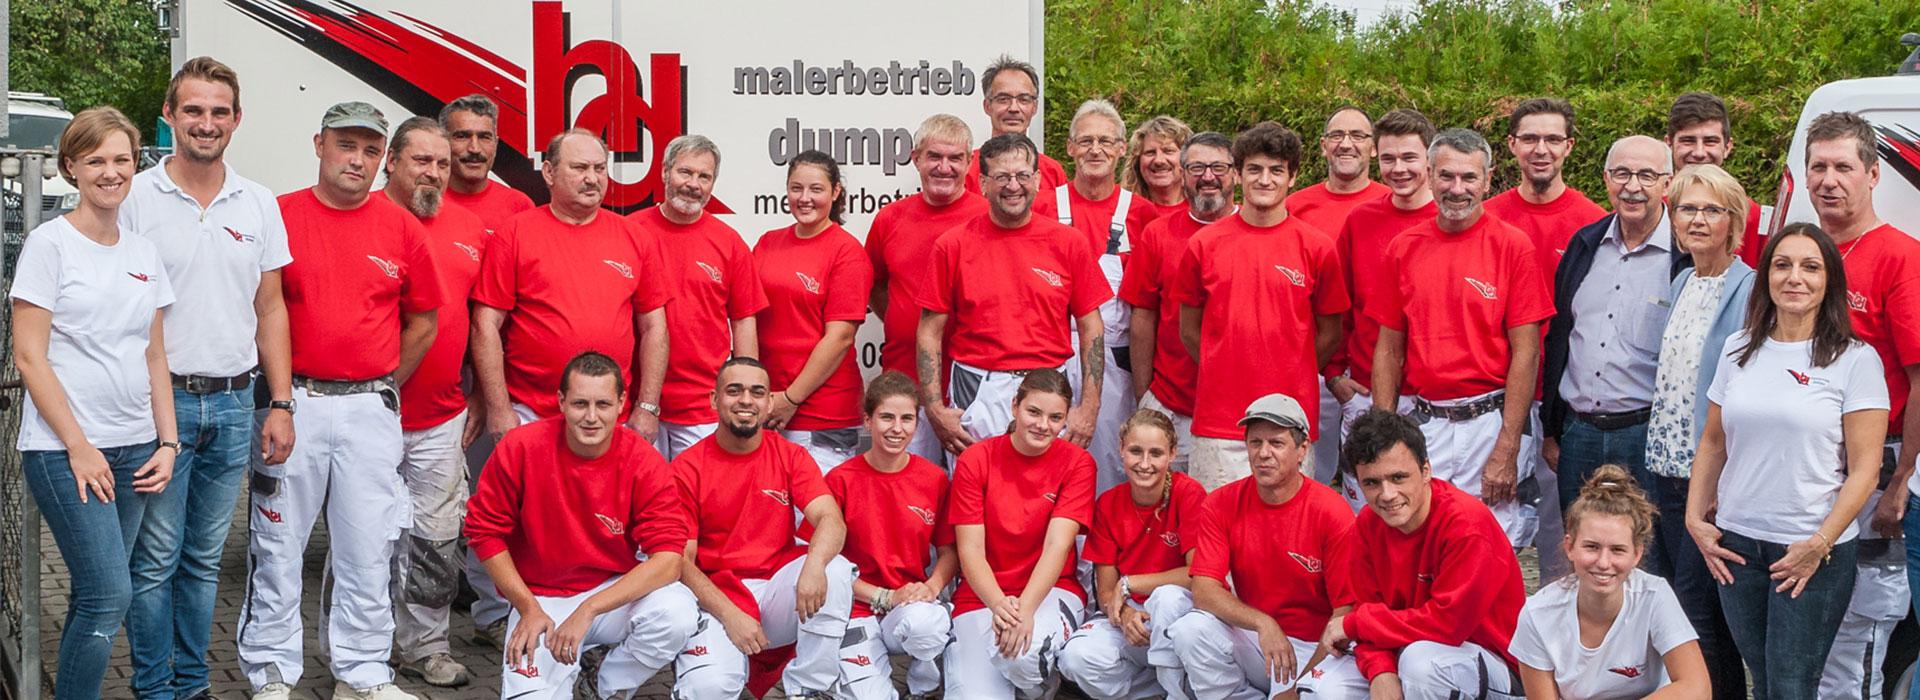 Team von Maler Dumps in Oberahrain